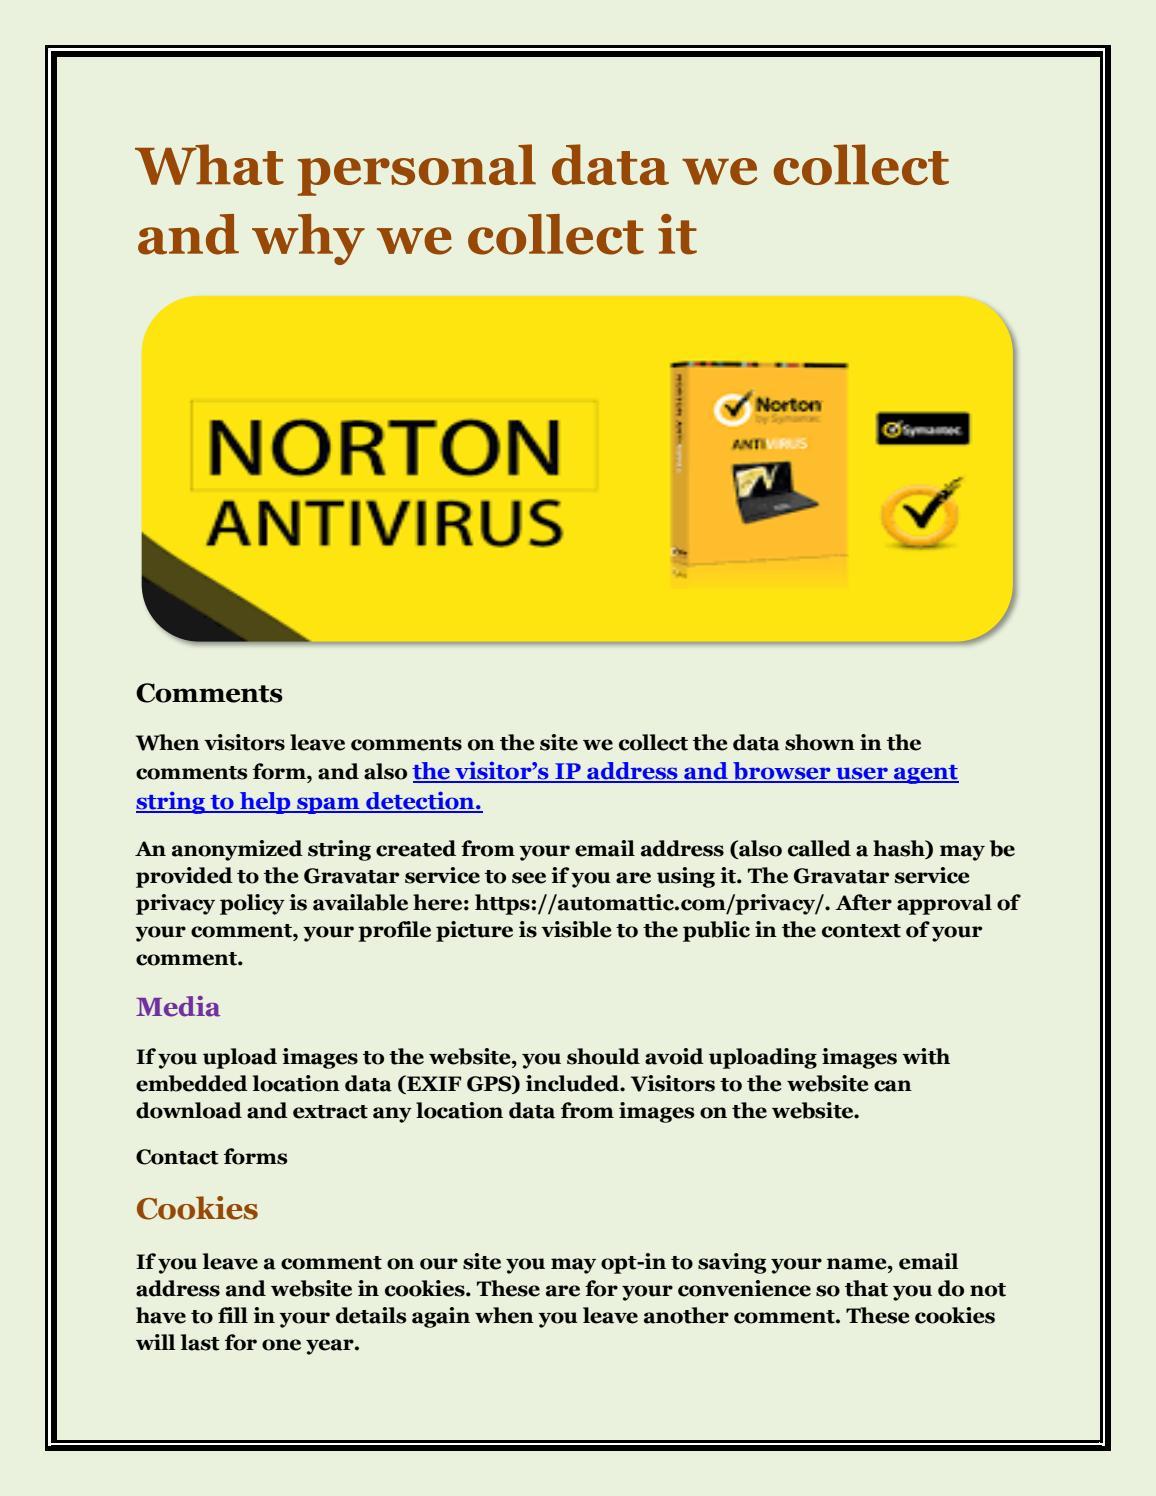 Norton account login page